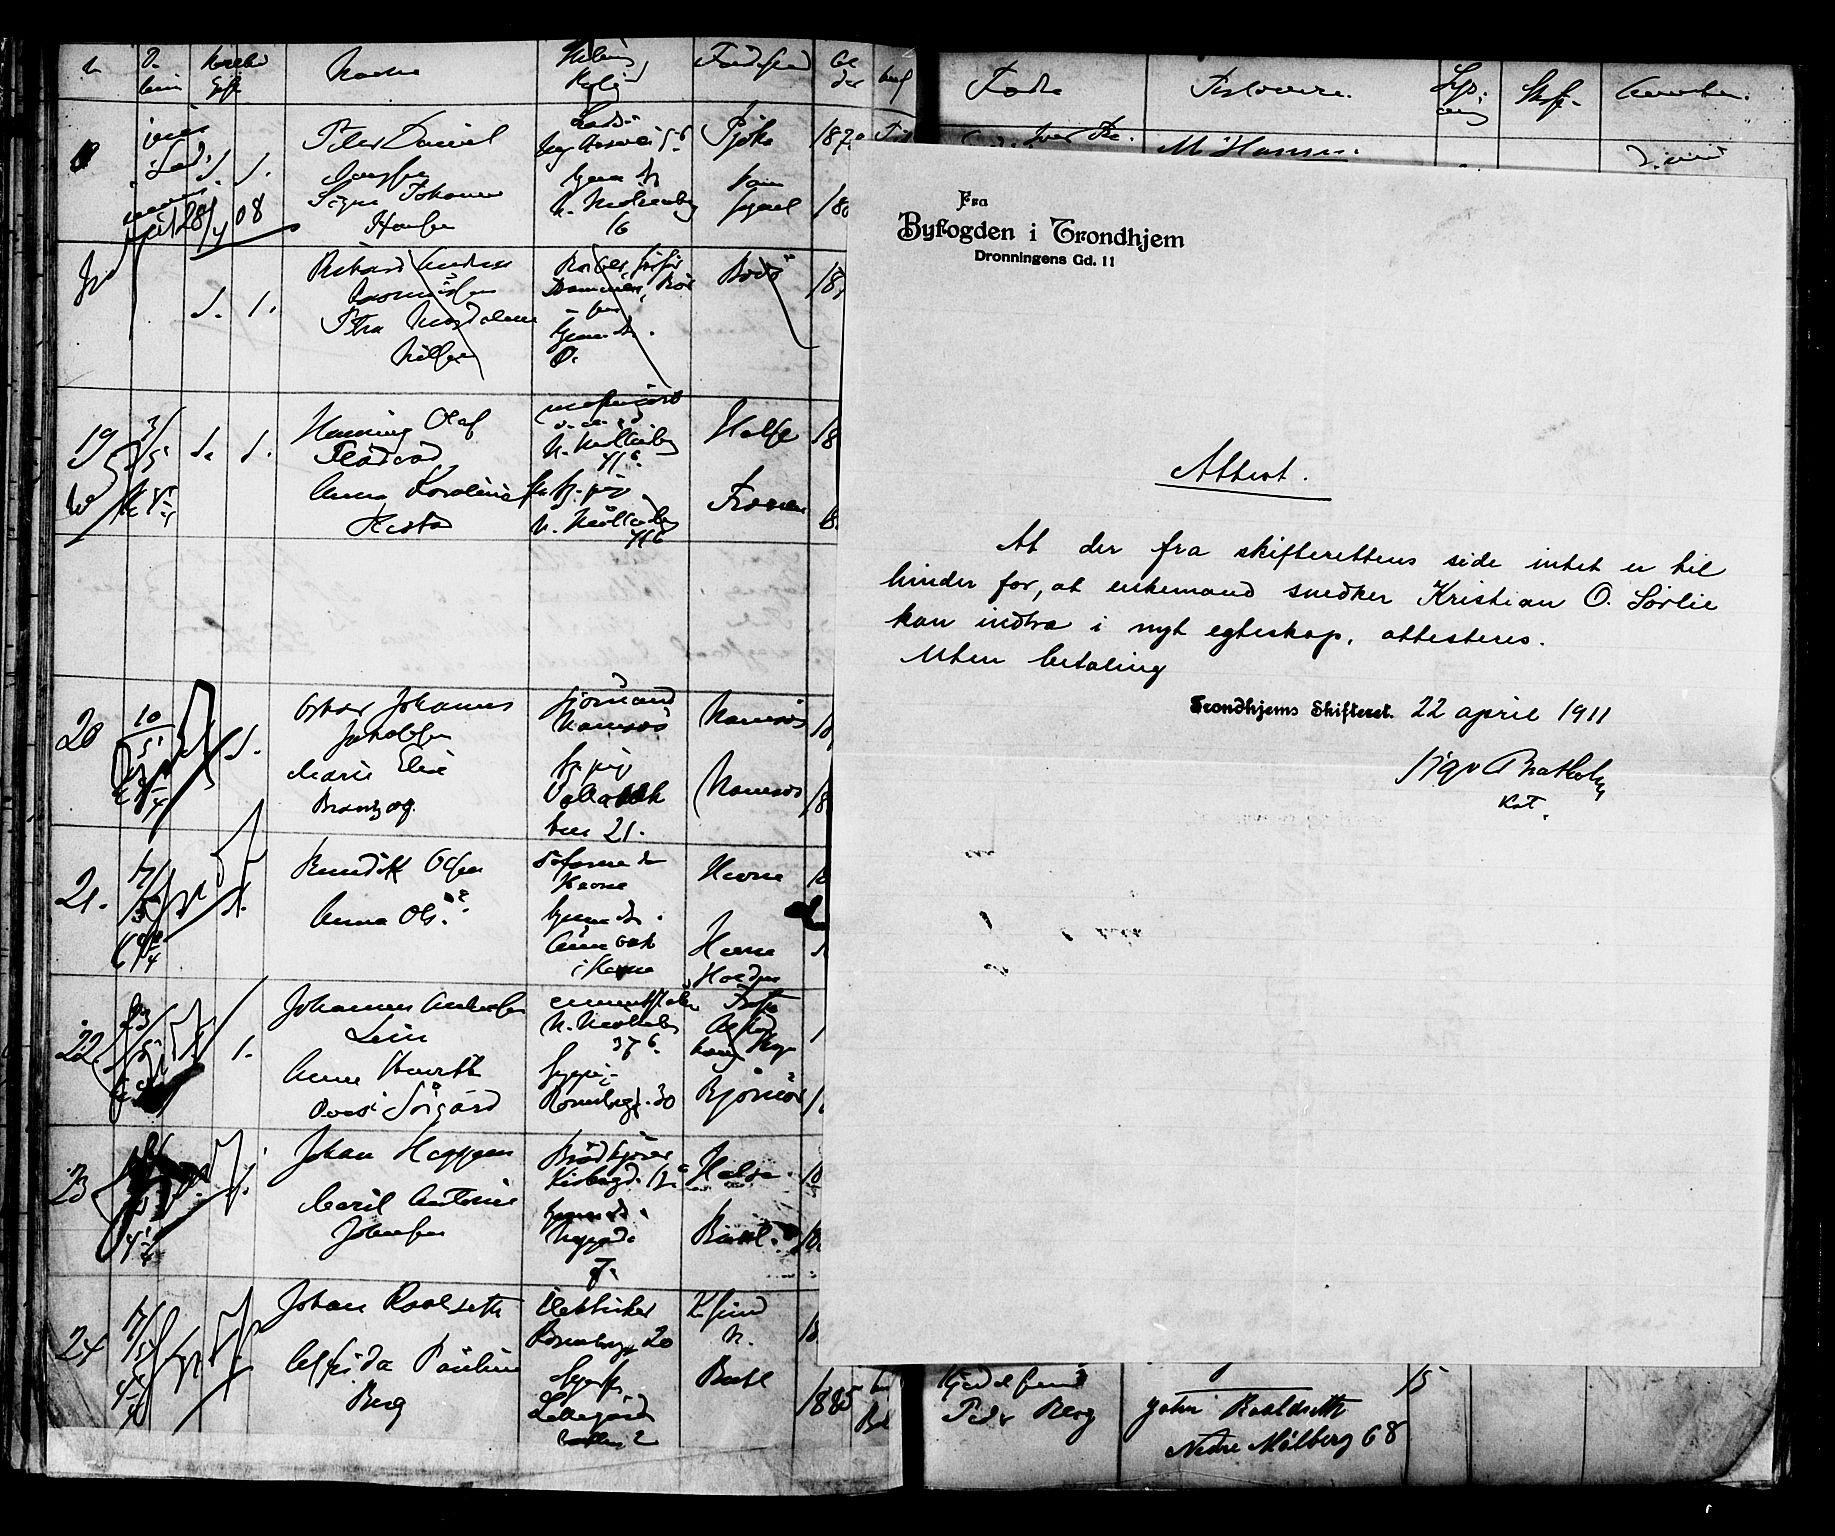 SAT, Ministerialprotokoller, klokkerbøker og fødselsregistre - Sør-Trøndelag, 604/L0193: Lysningsprotokoll nr. 604A14, 1906-1912